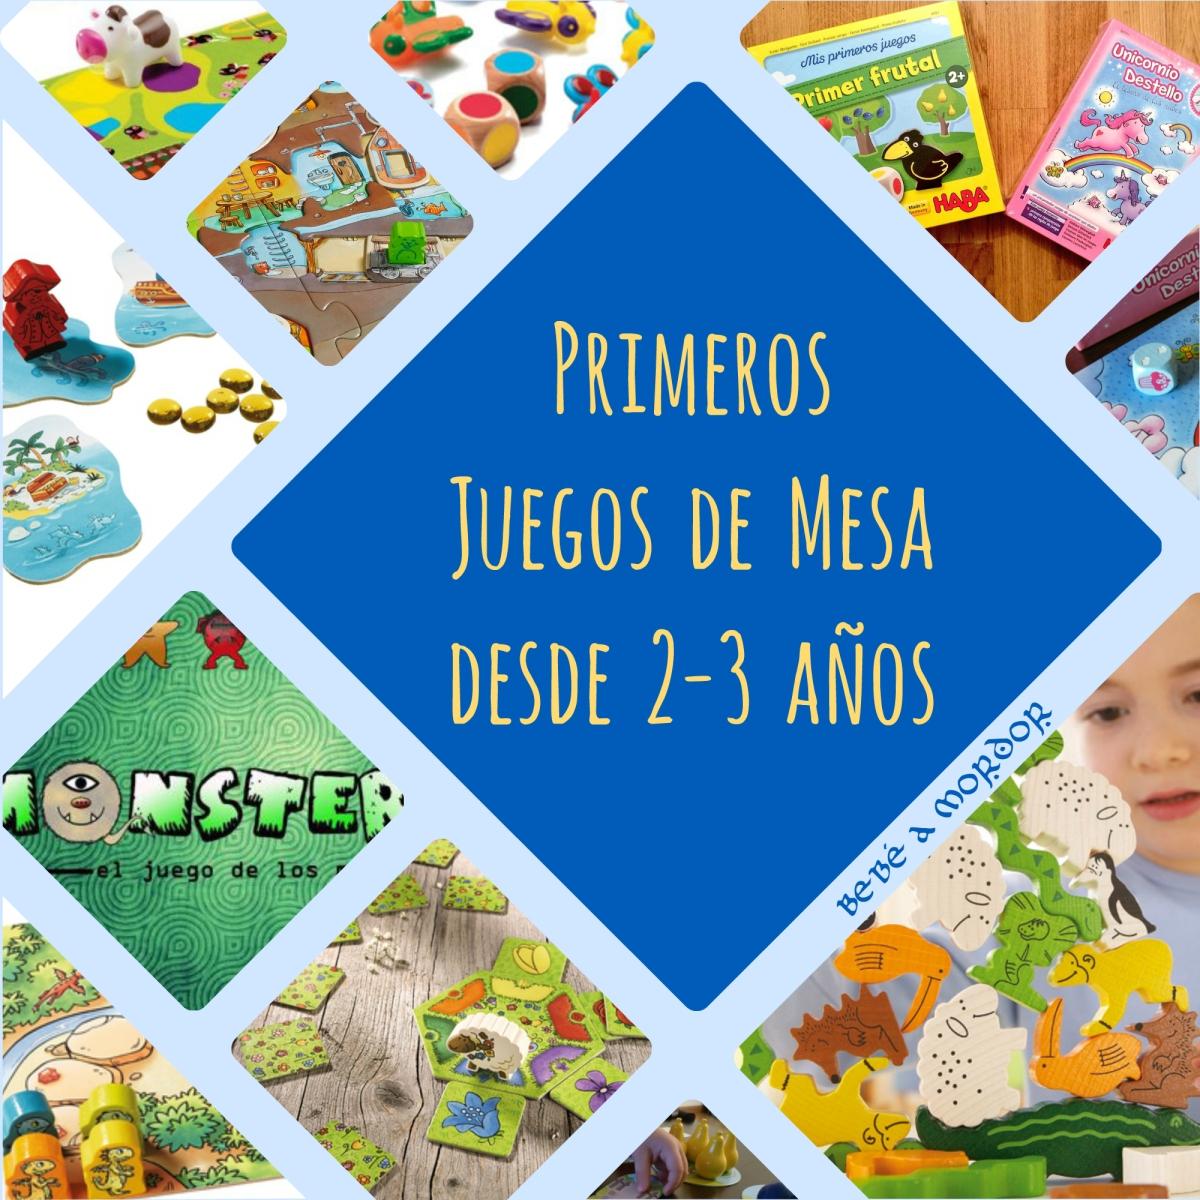 [Primeros Juegos de Mesa] 10 juegos para niños desde 2-3 años